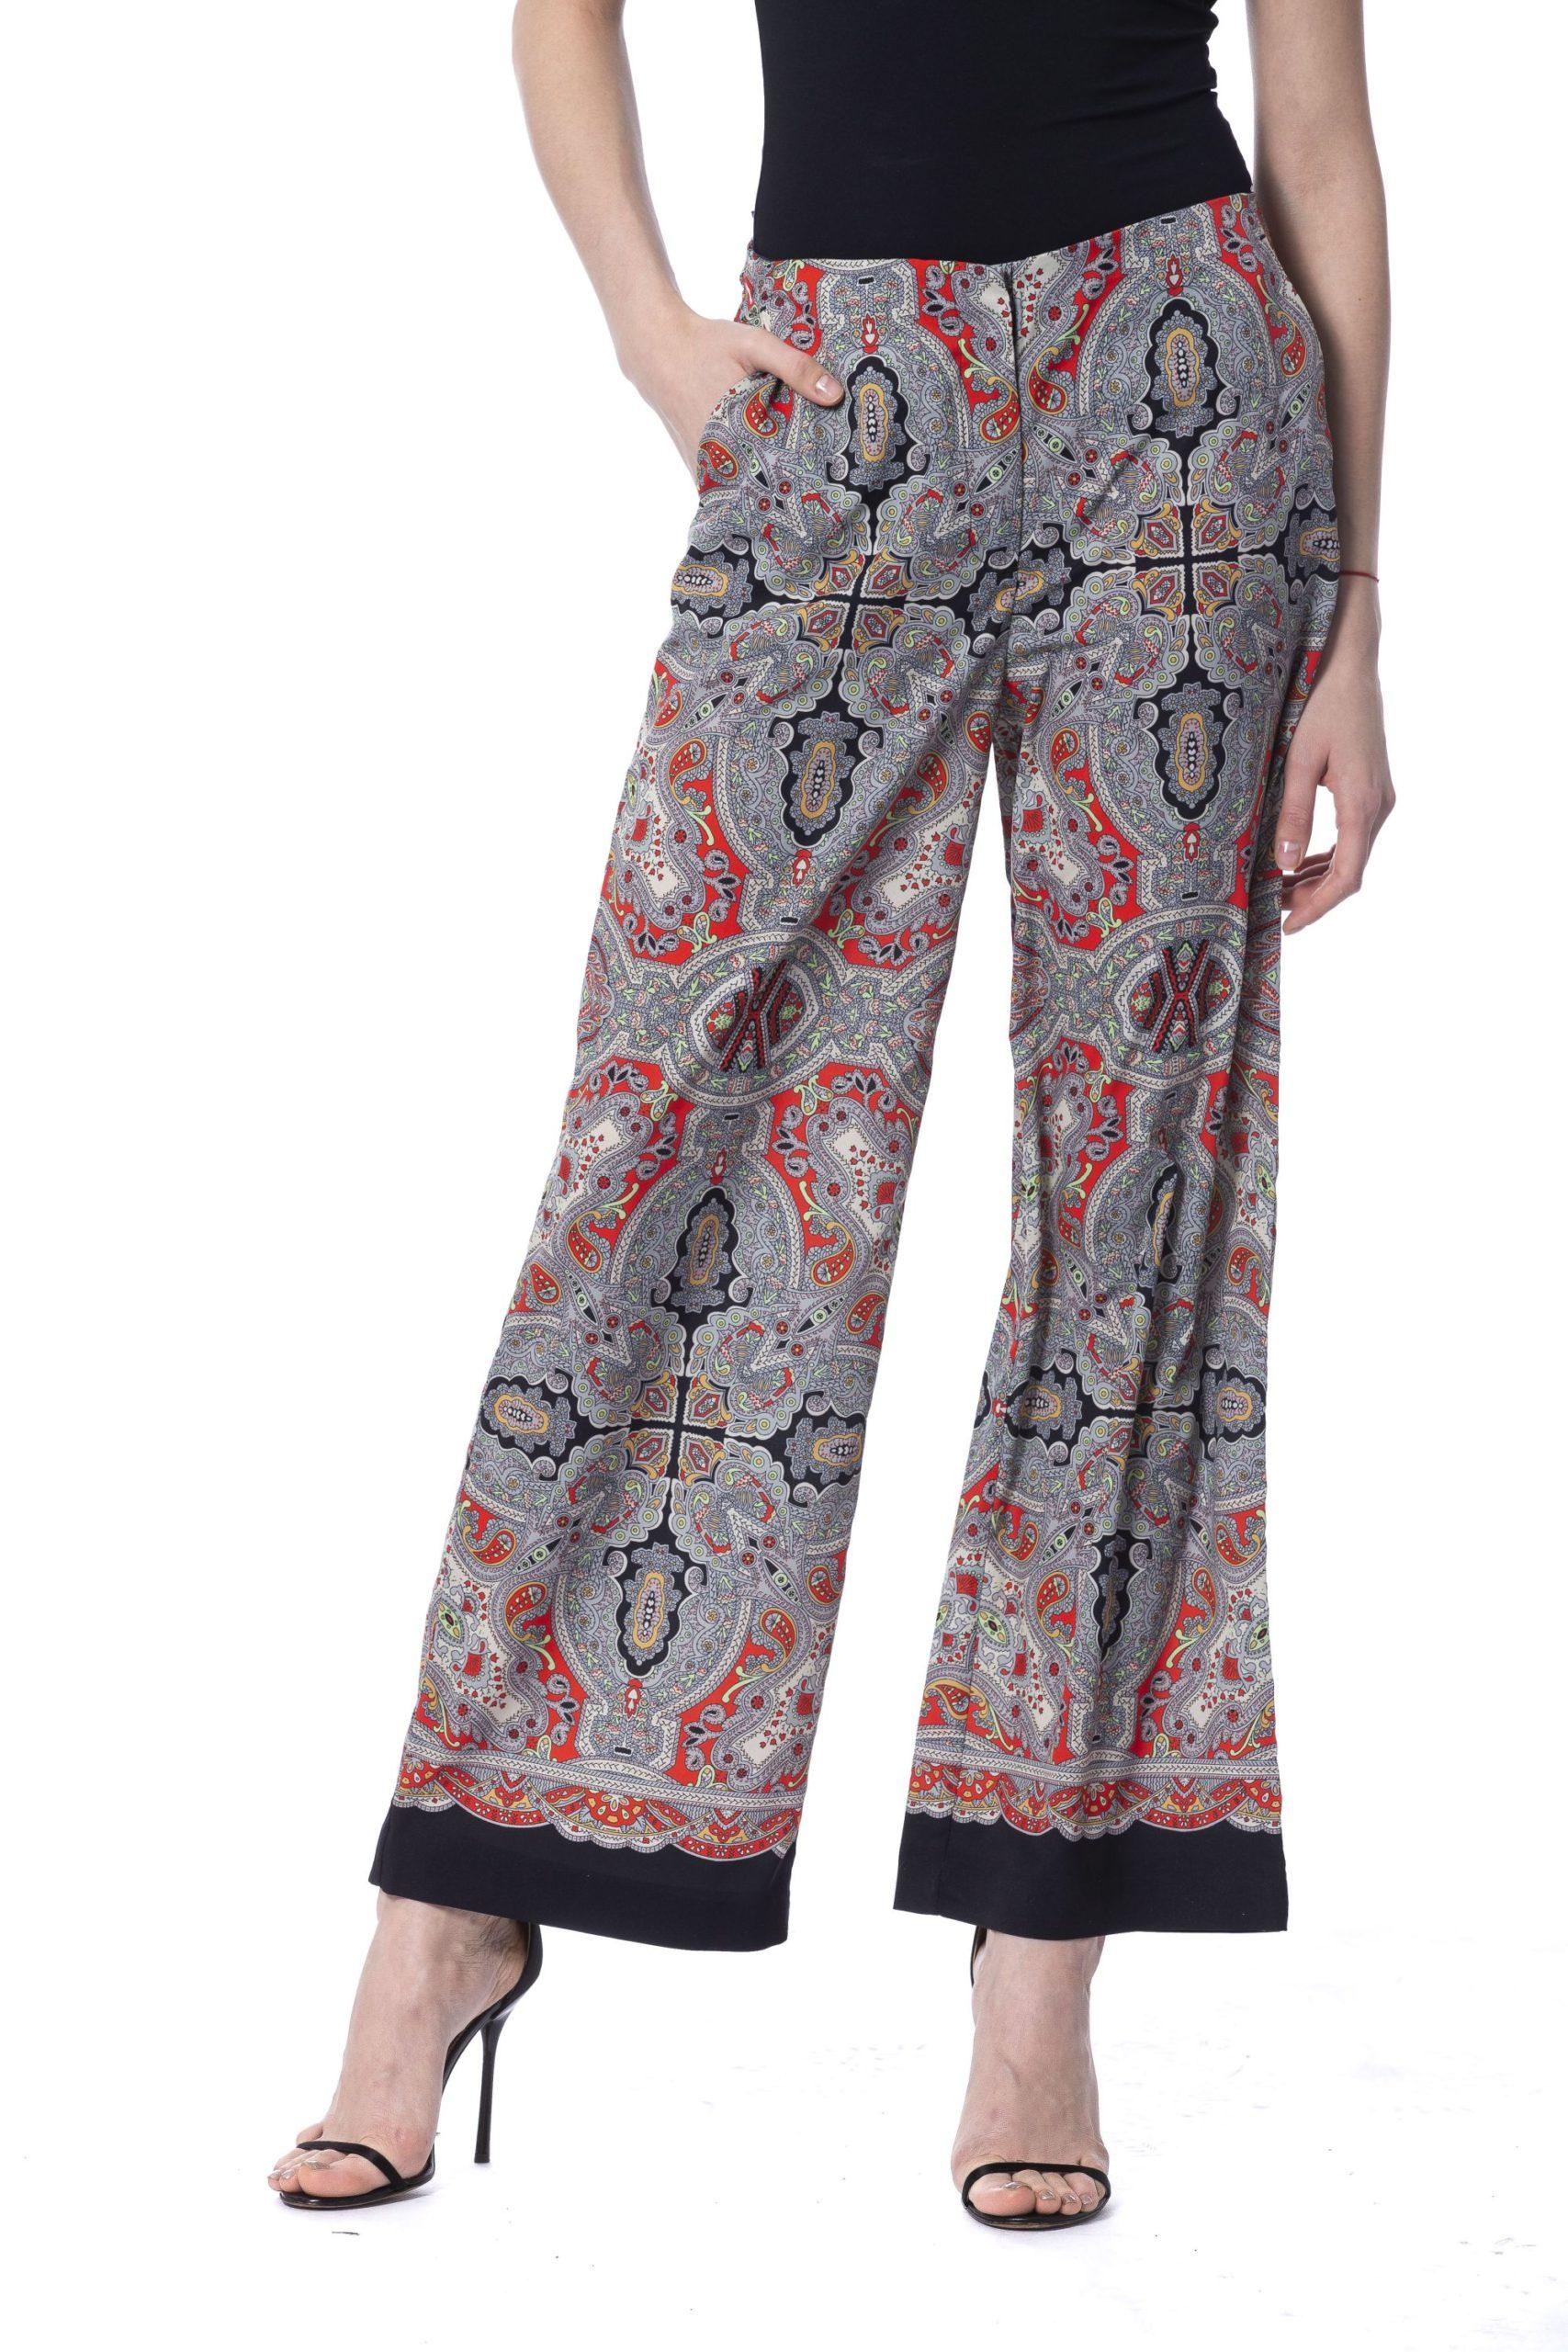 Fantasyunique Jeans & Pant - XXS